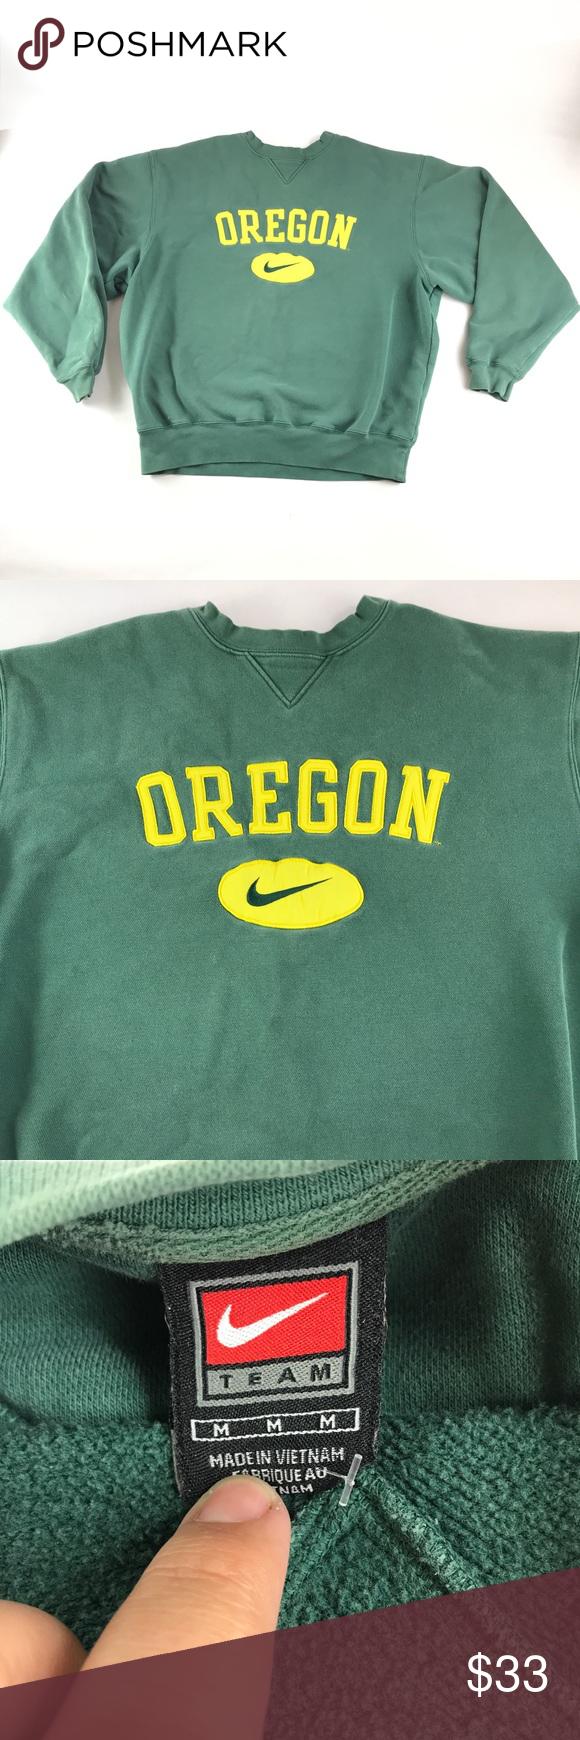 Vintage 90s Nike Oregon Ducks Crewneck Sweatshirt Crew Neck Sweatshirt Mens Sweatshirts Sweatshirts